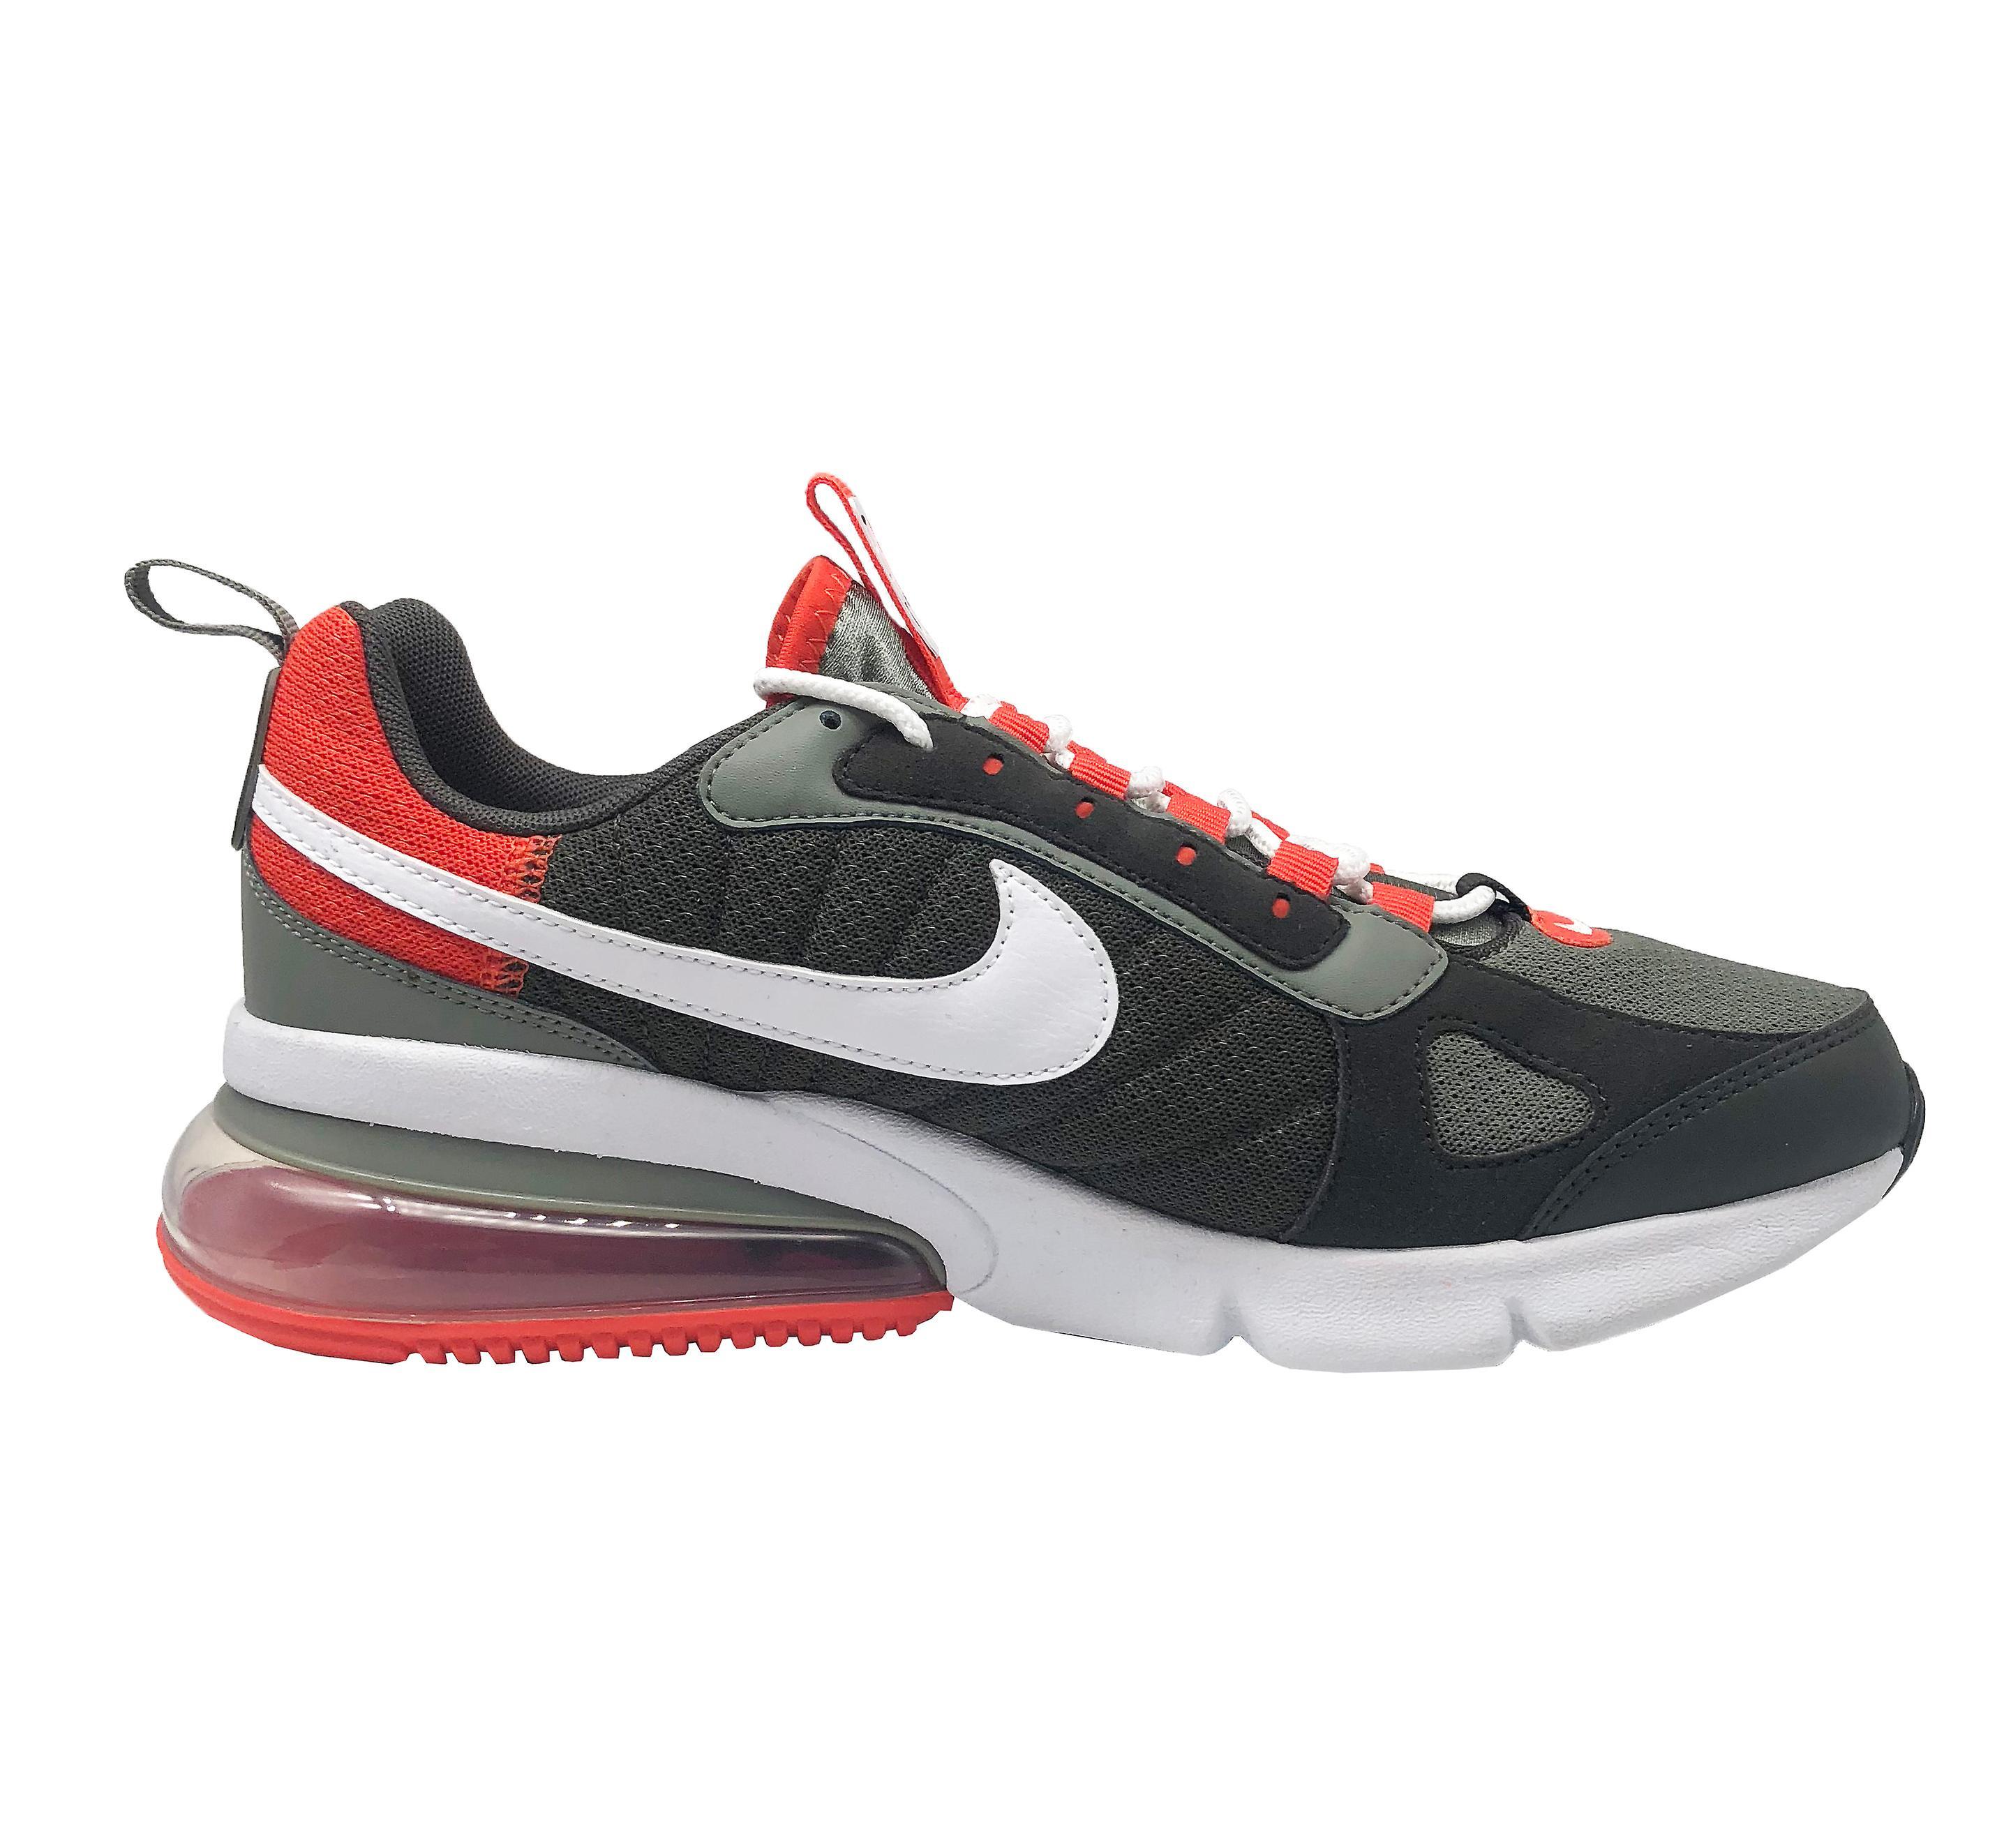 Nike Air Max 270 Futura AO1569 002 Mens Trainers